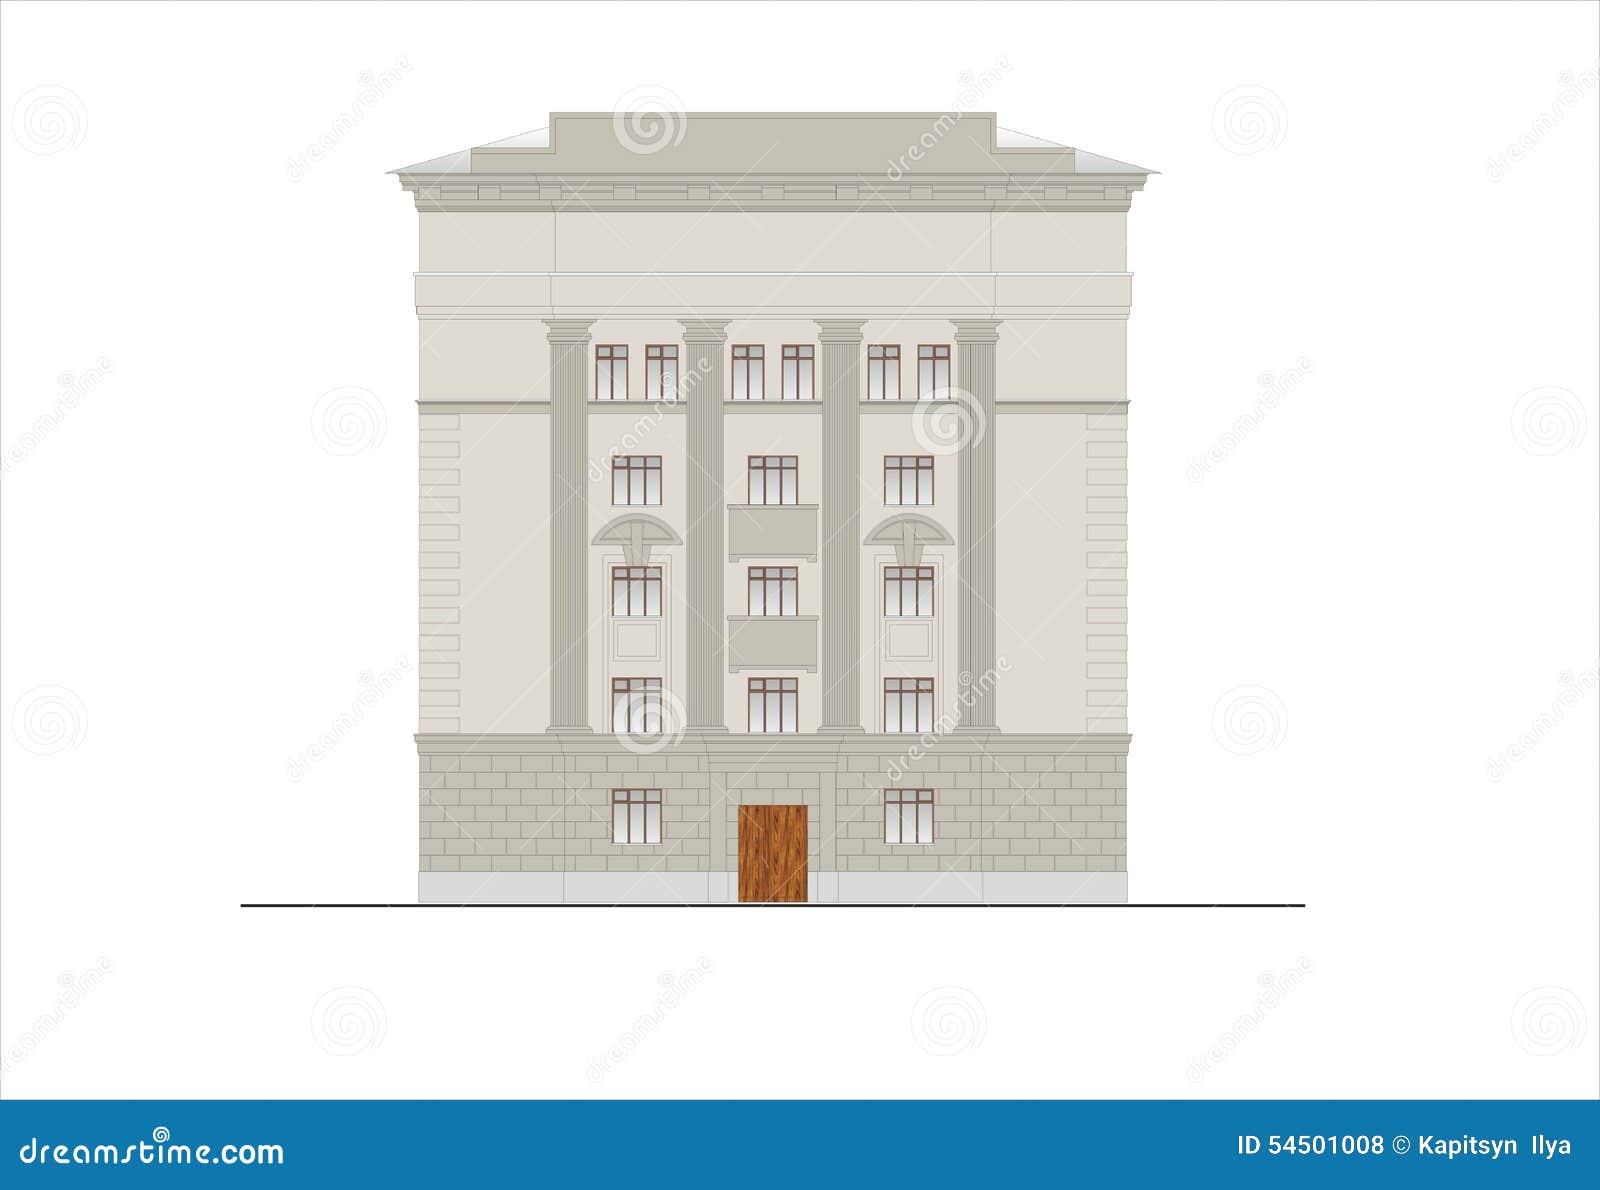 Bâtiments et structures du tôt et de la moitié du 20ème siècle